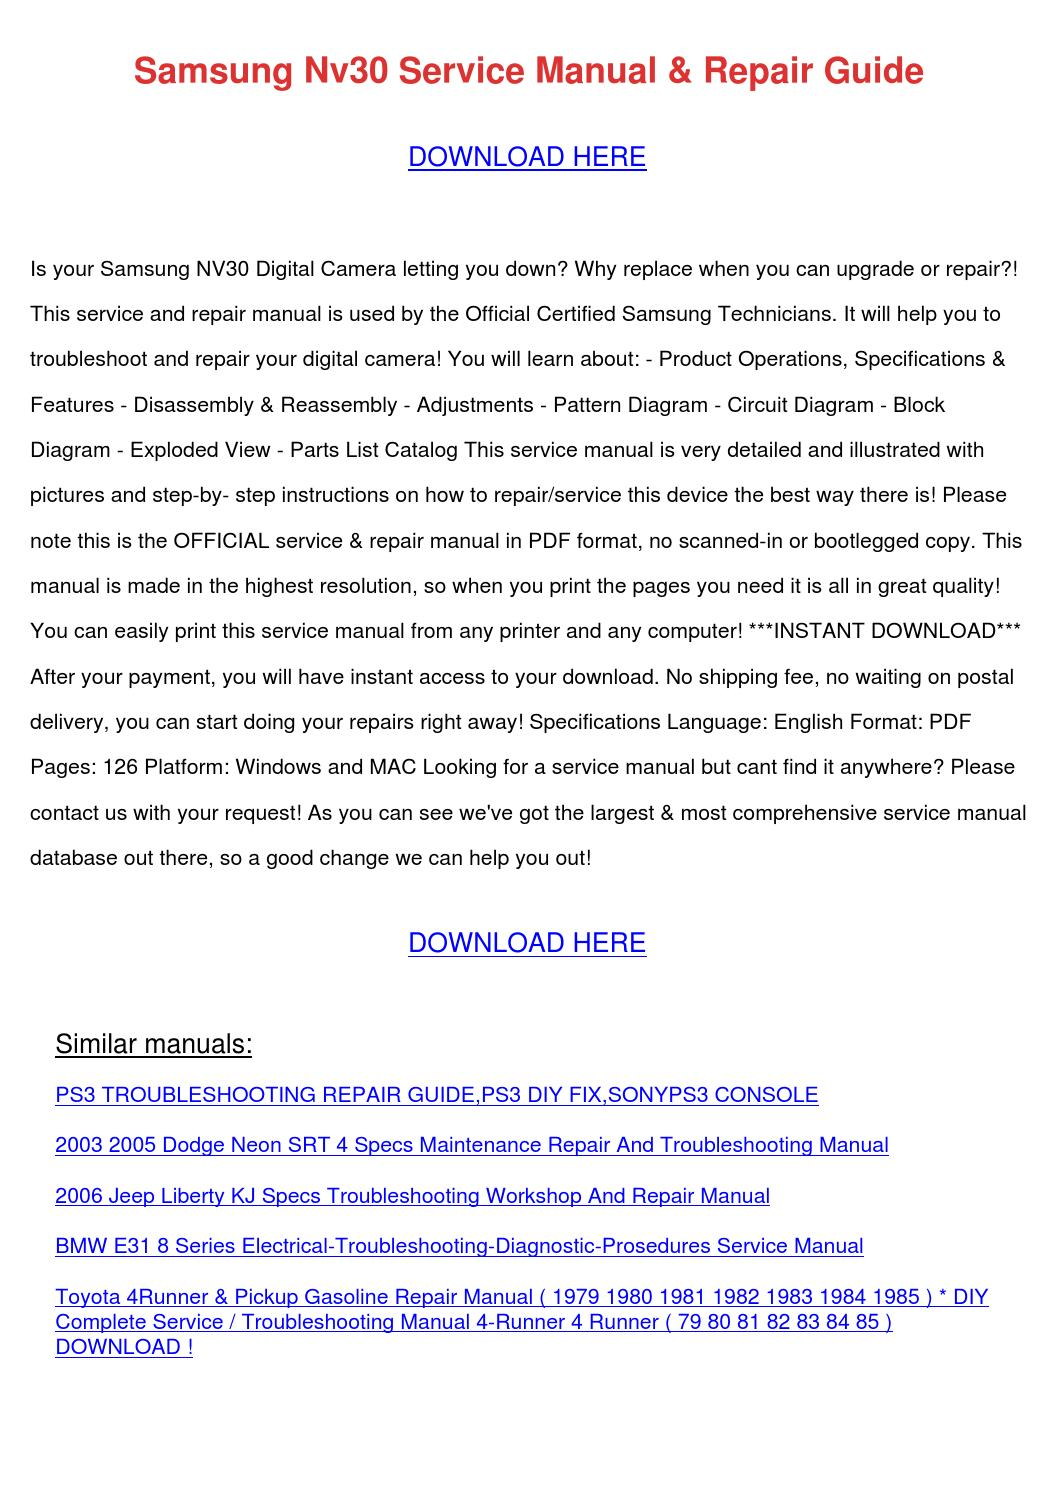 Jeep Liberty Repair User Manual User Manual